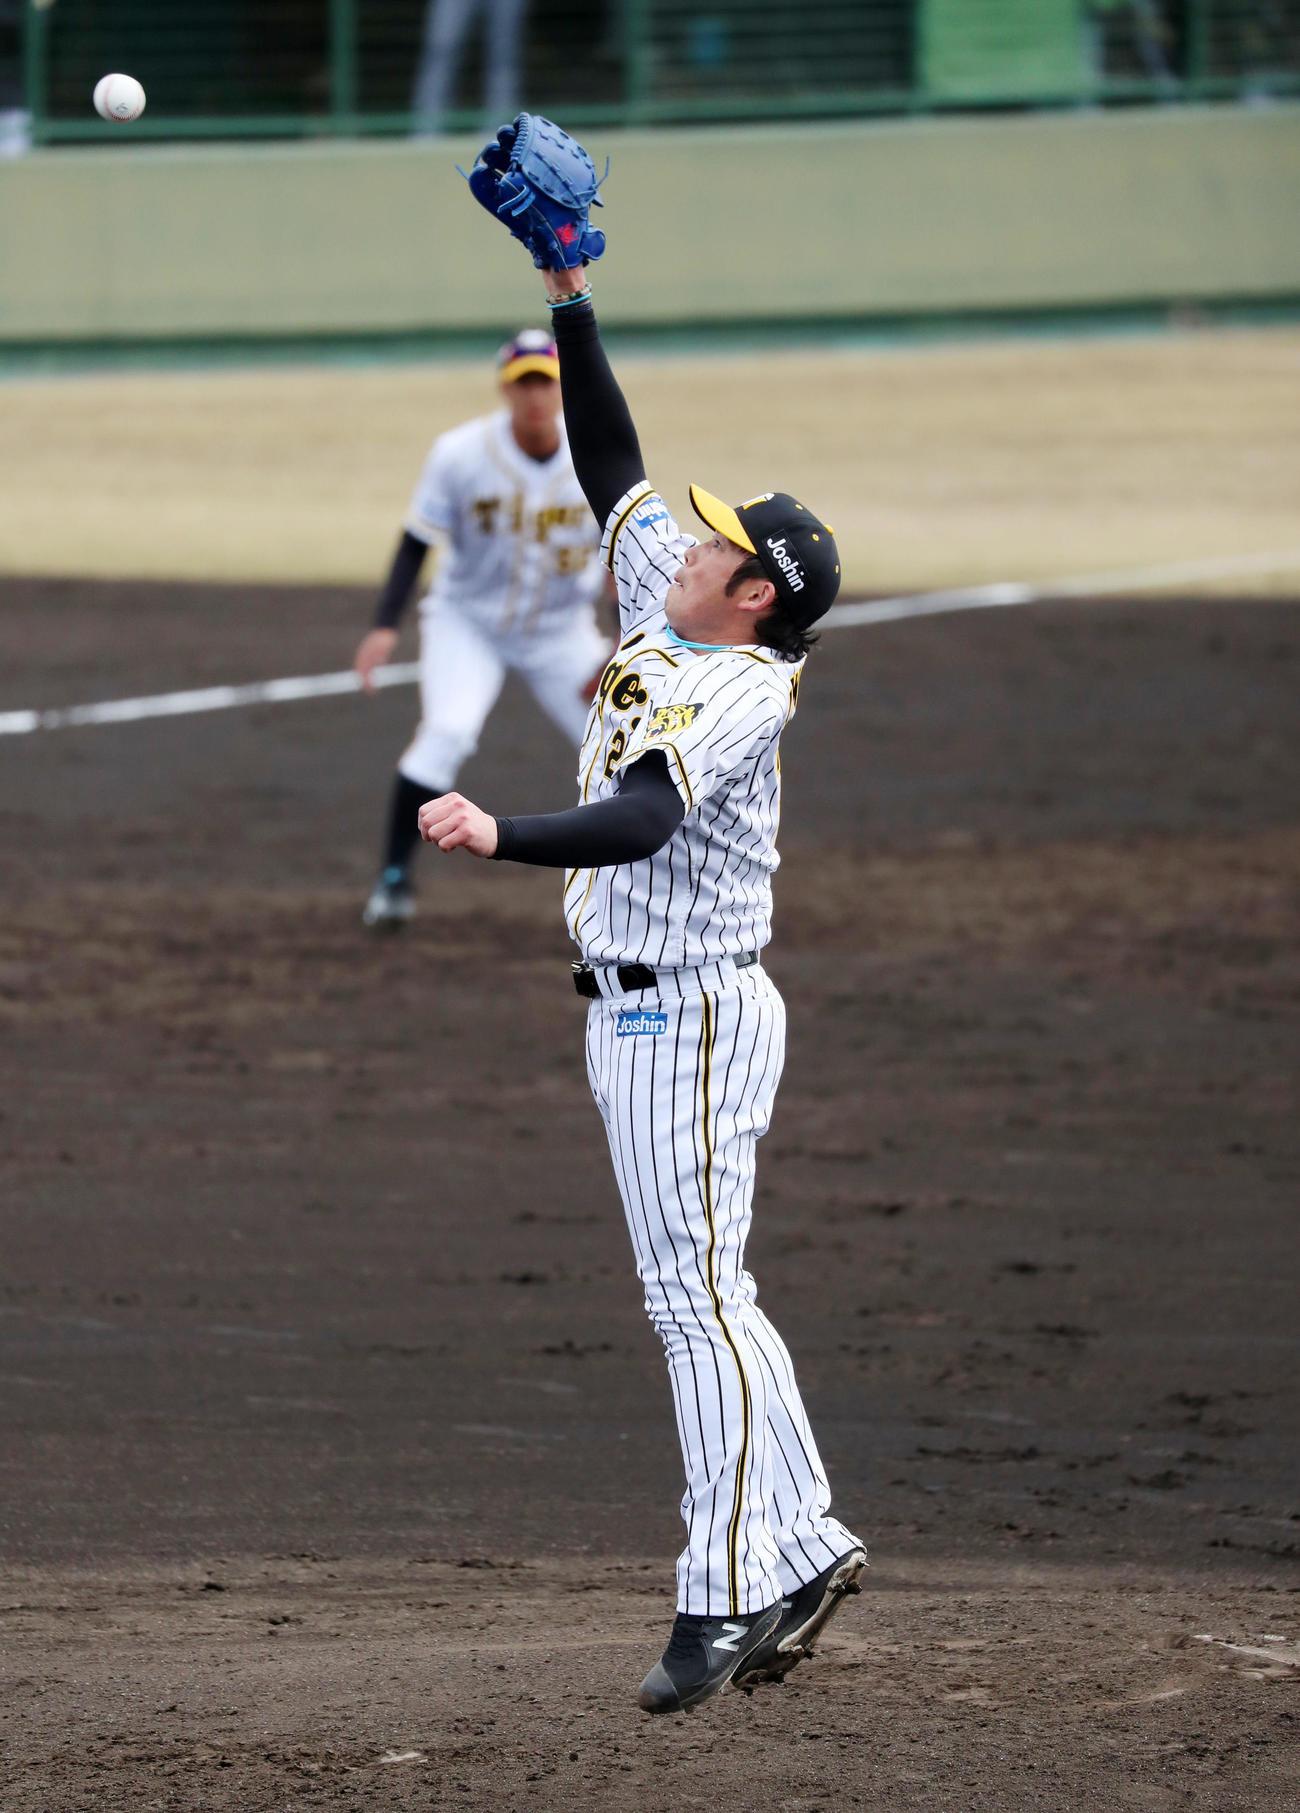 阪神対関大 3回表関大1死一塁、岩田は久保田有の打球をジャンプして捕球する(代表撮影)